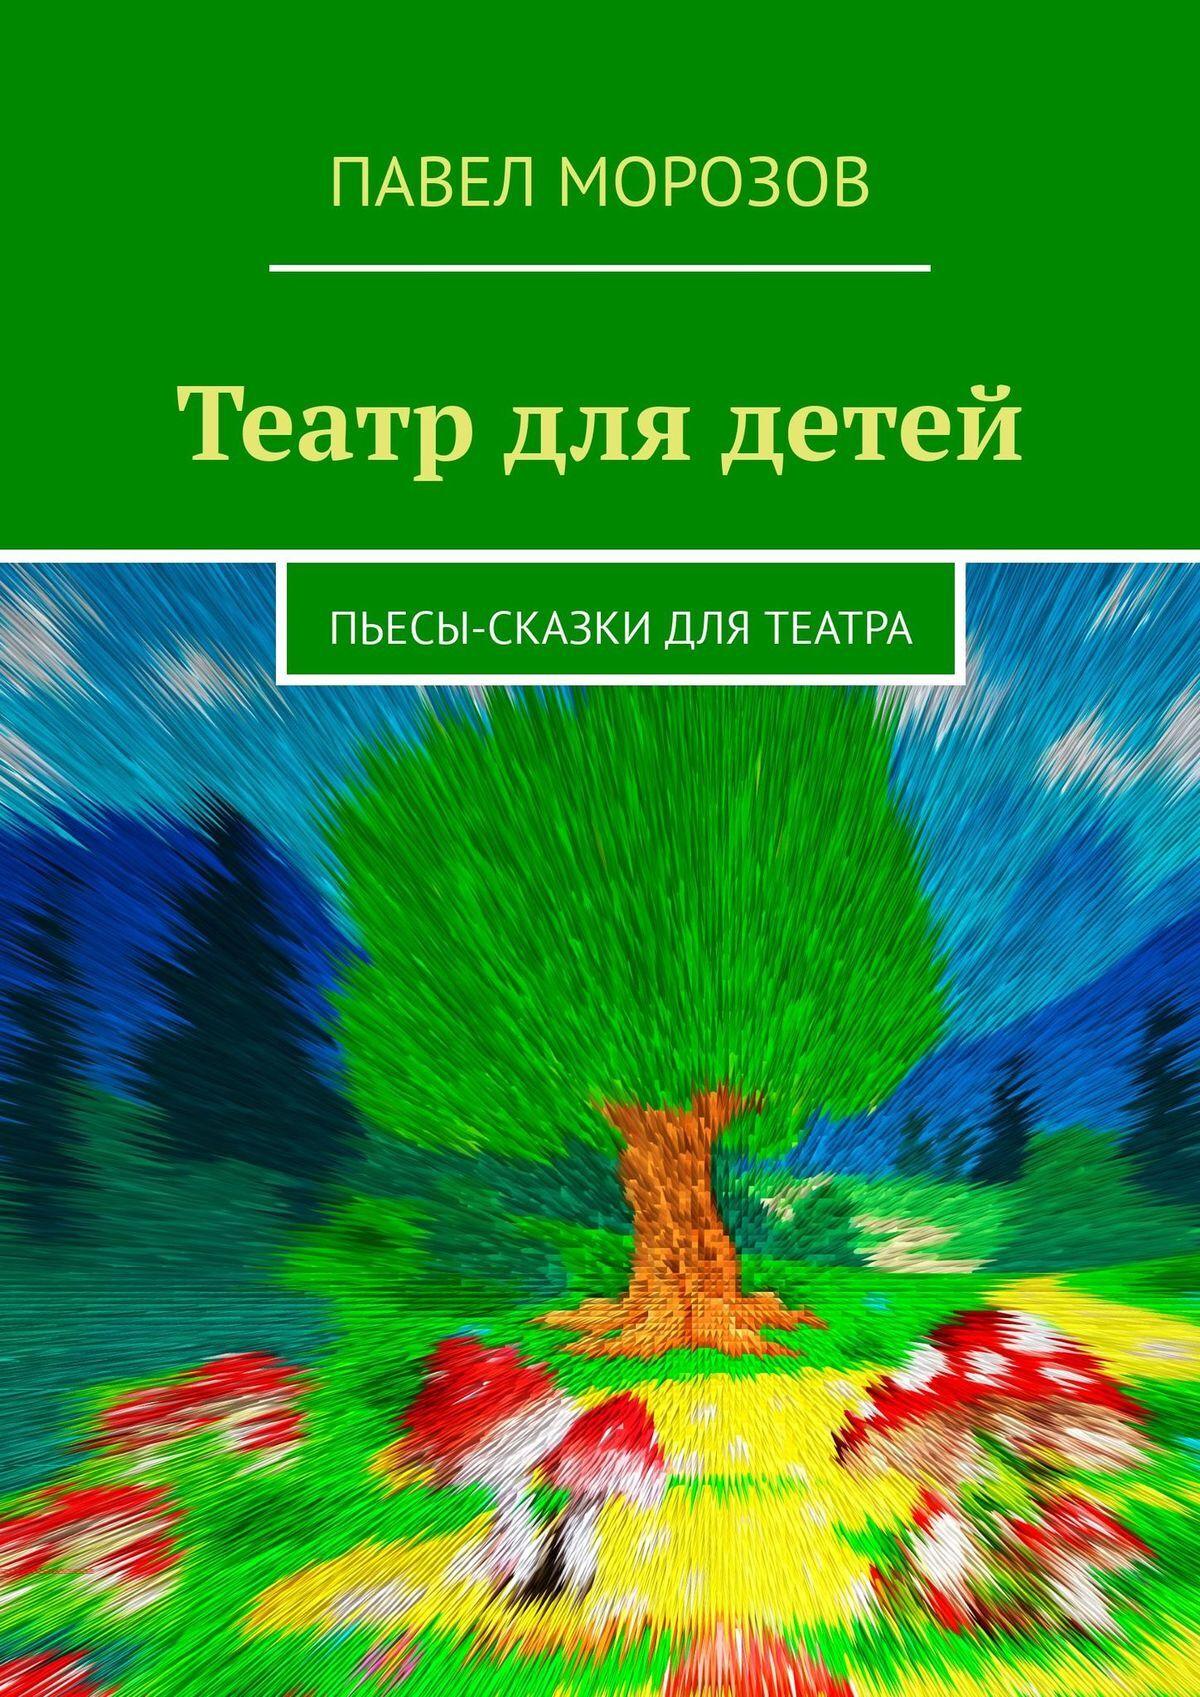 Павел Морозов Заячье дерево. И другие сказки для театра цены